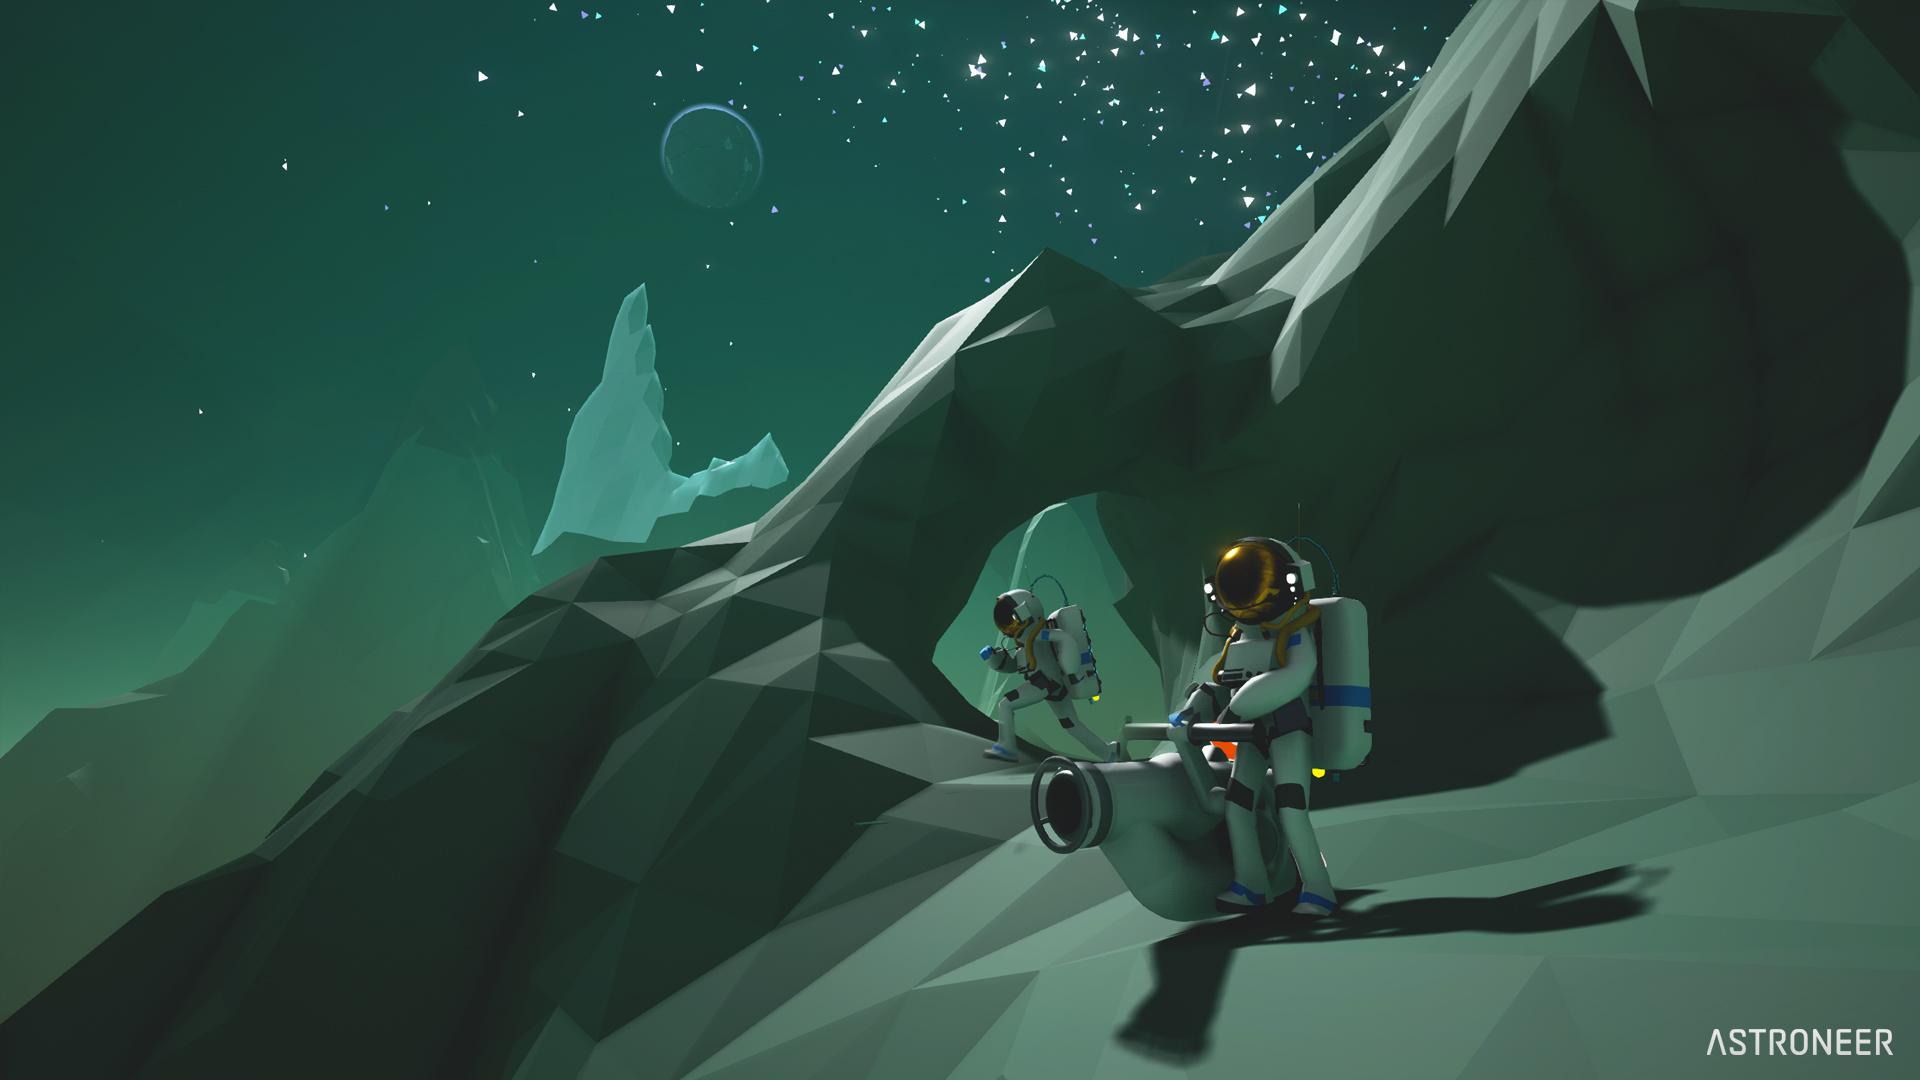 astroneer4